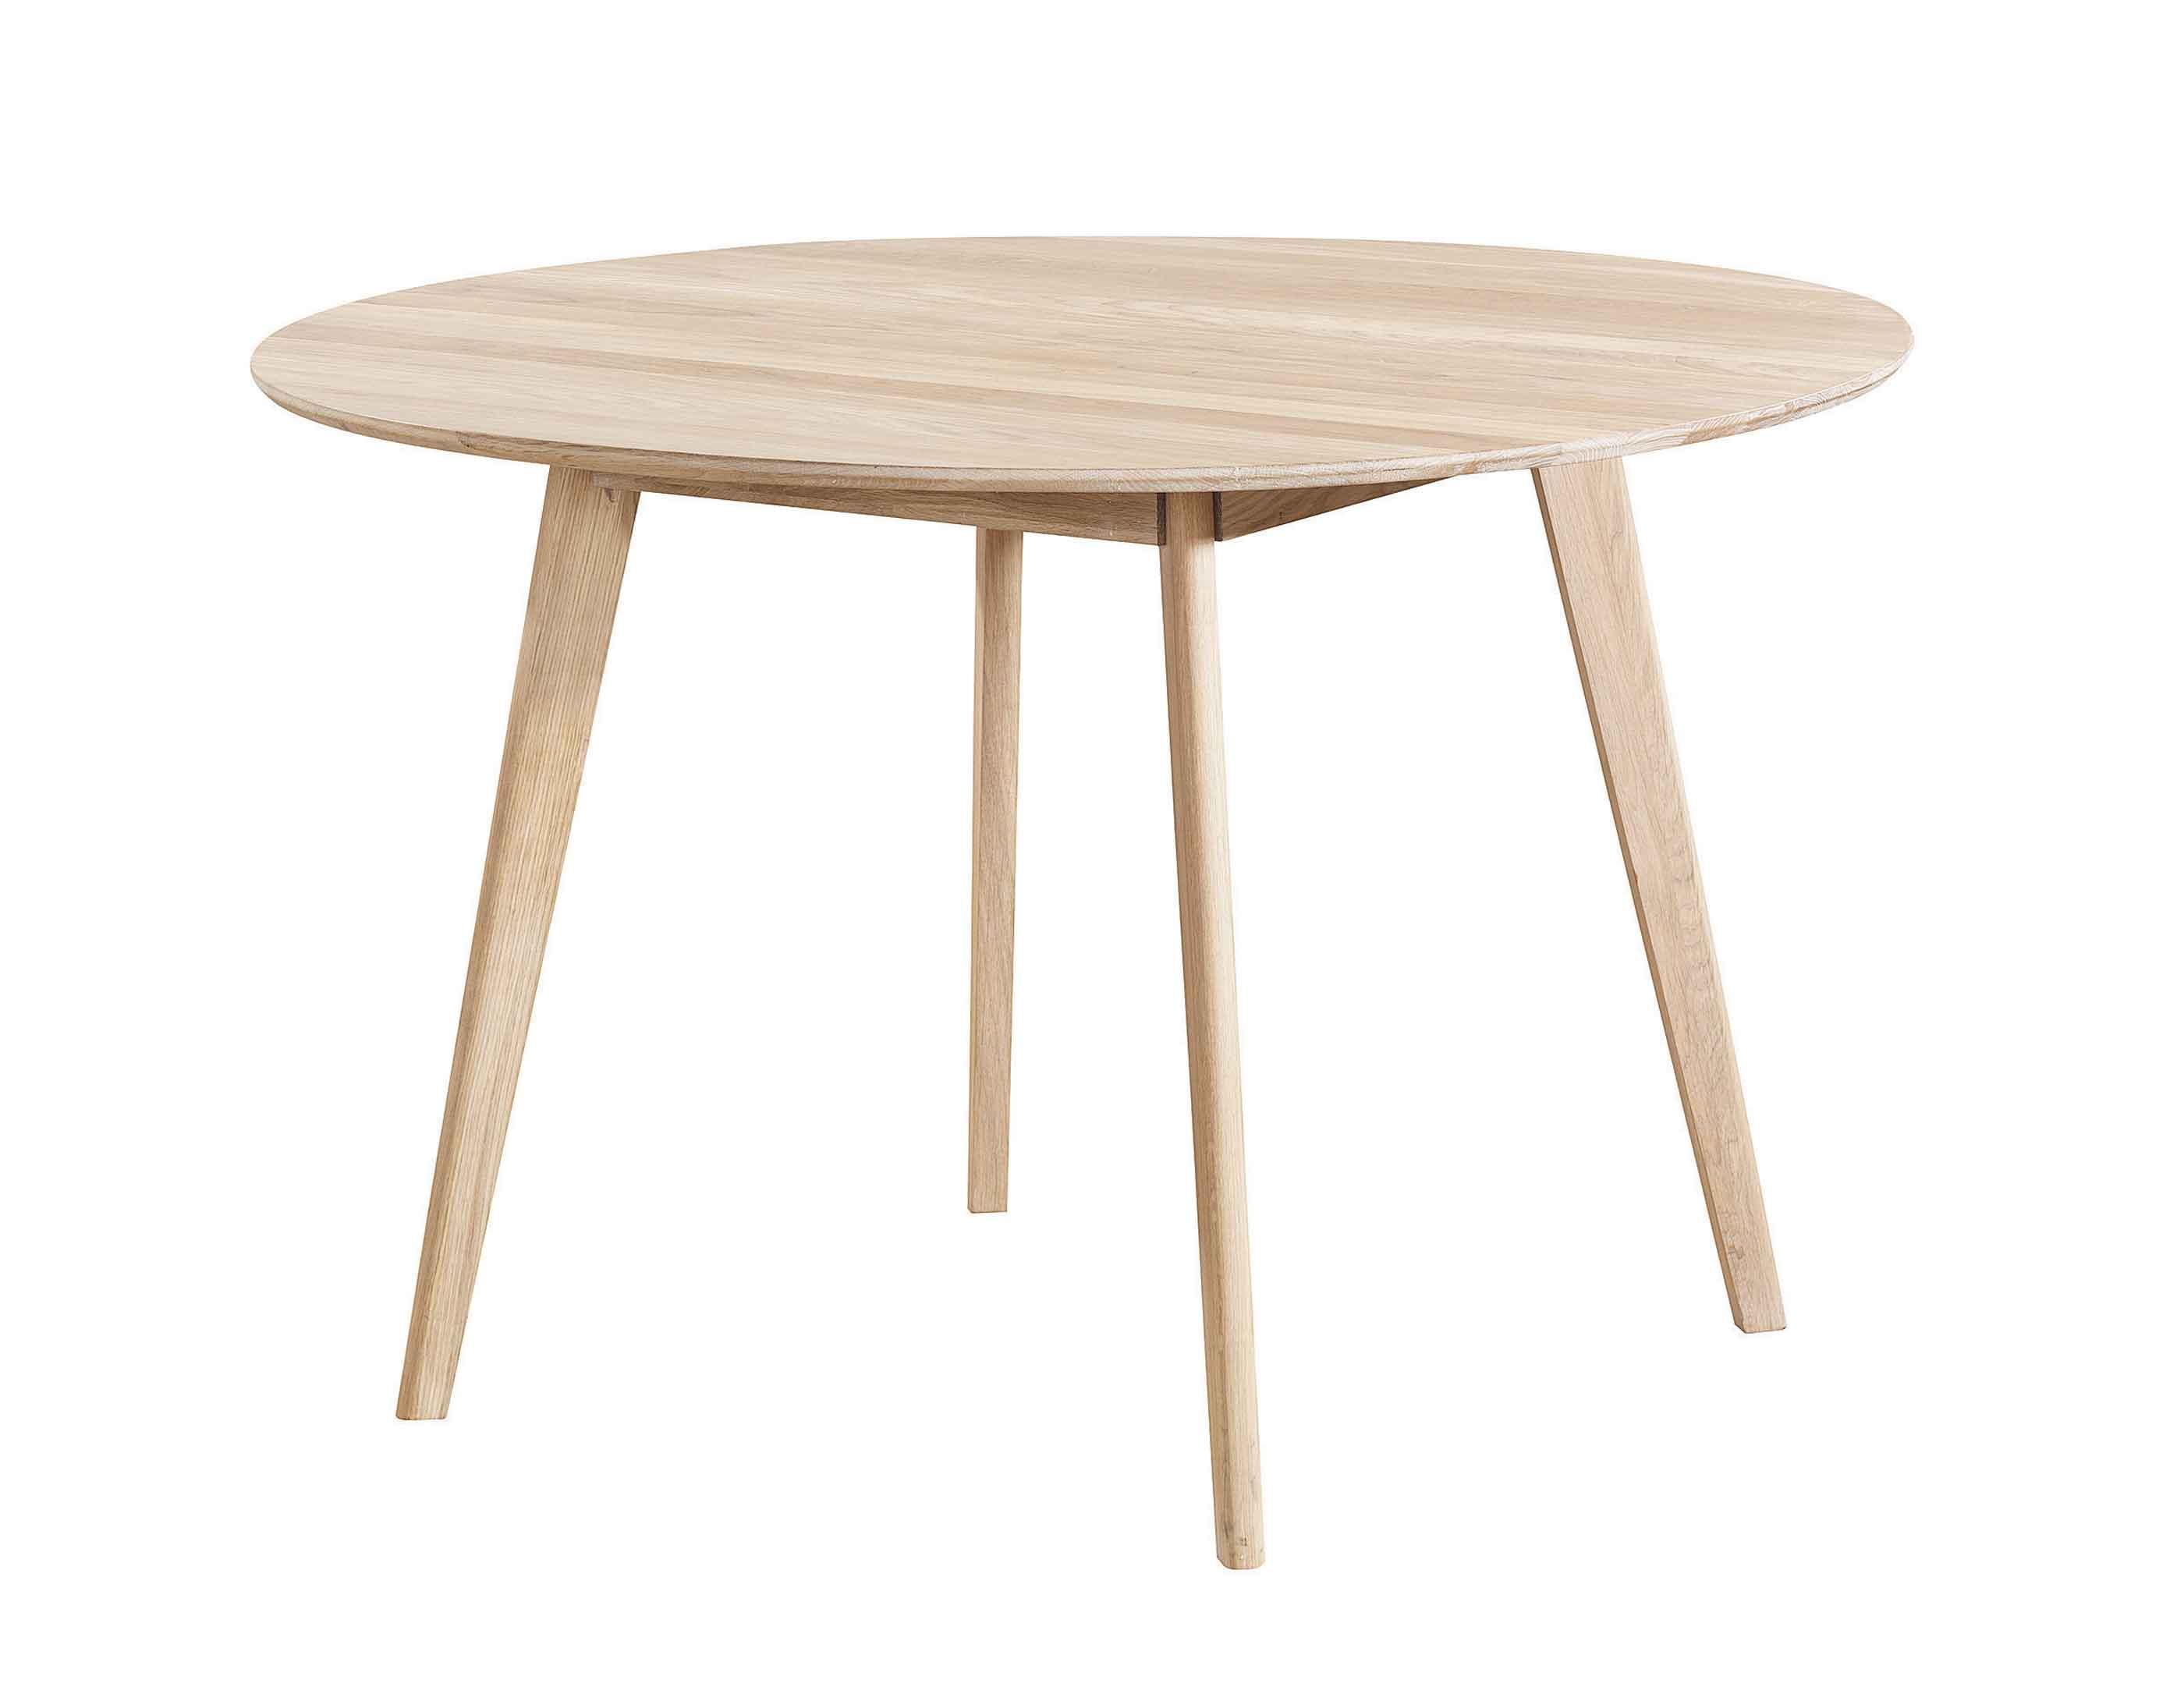 Yumi spisebord - Hvidpigmenteret egetræ, rundt (Ø:115)